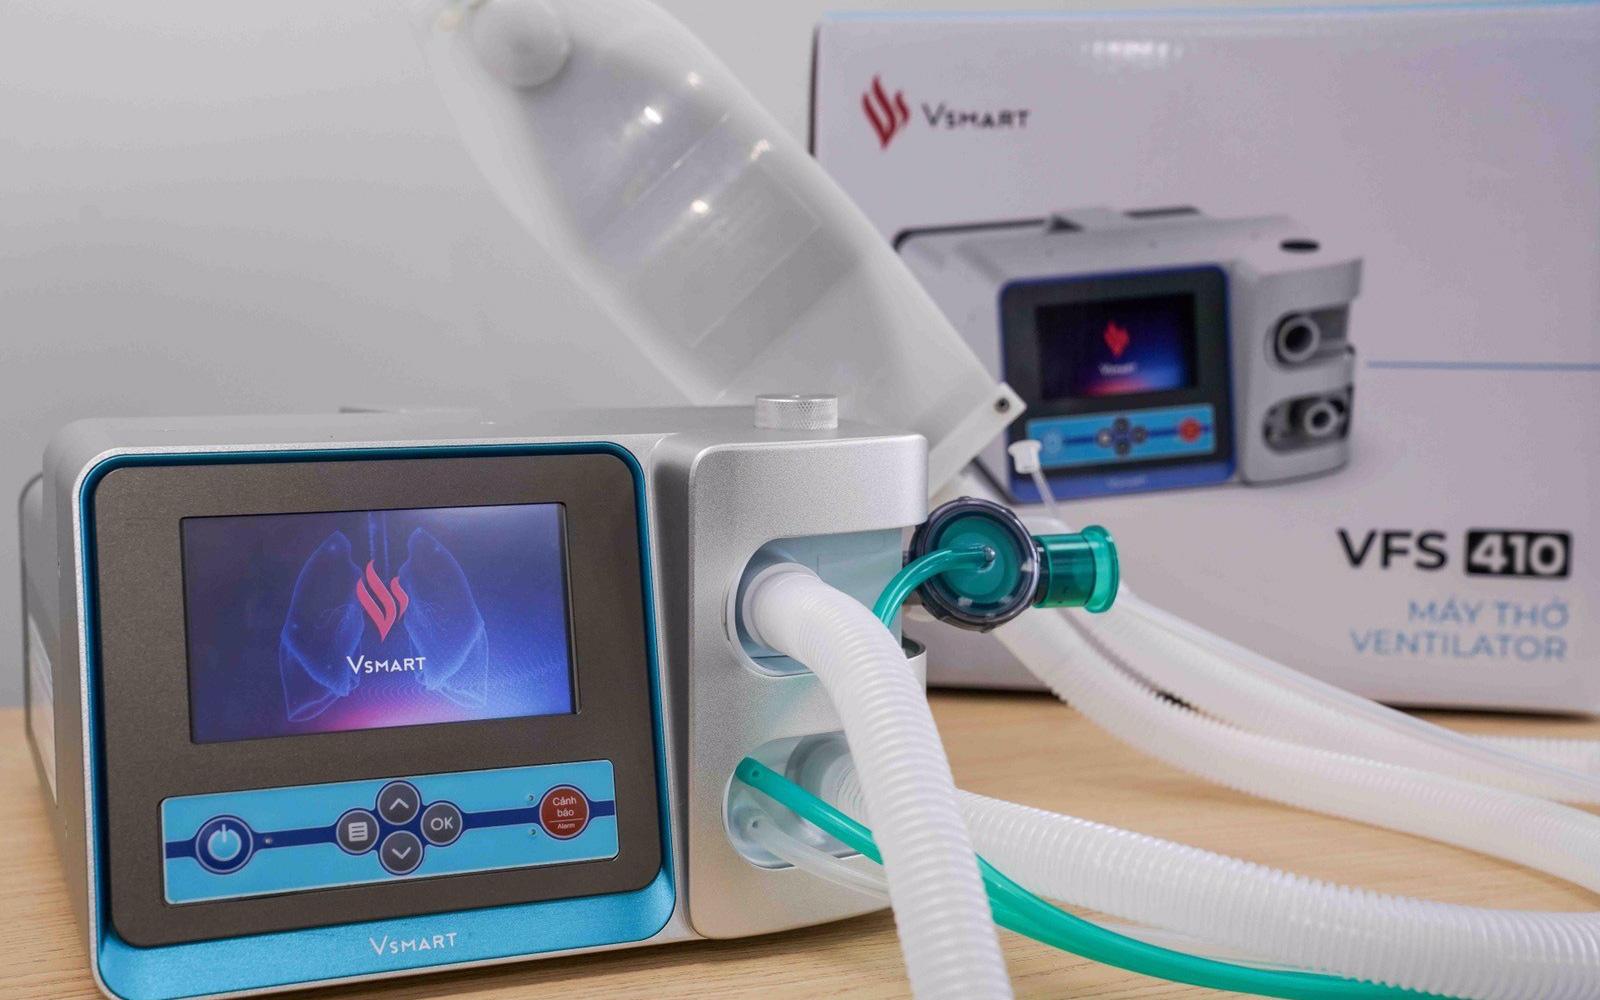 Vingroup hoàn thành, chuẩn bị đưa ra thị trường 2 mẫu máy thở